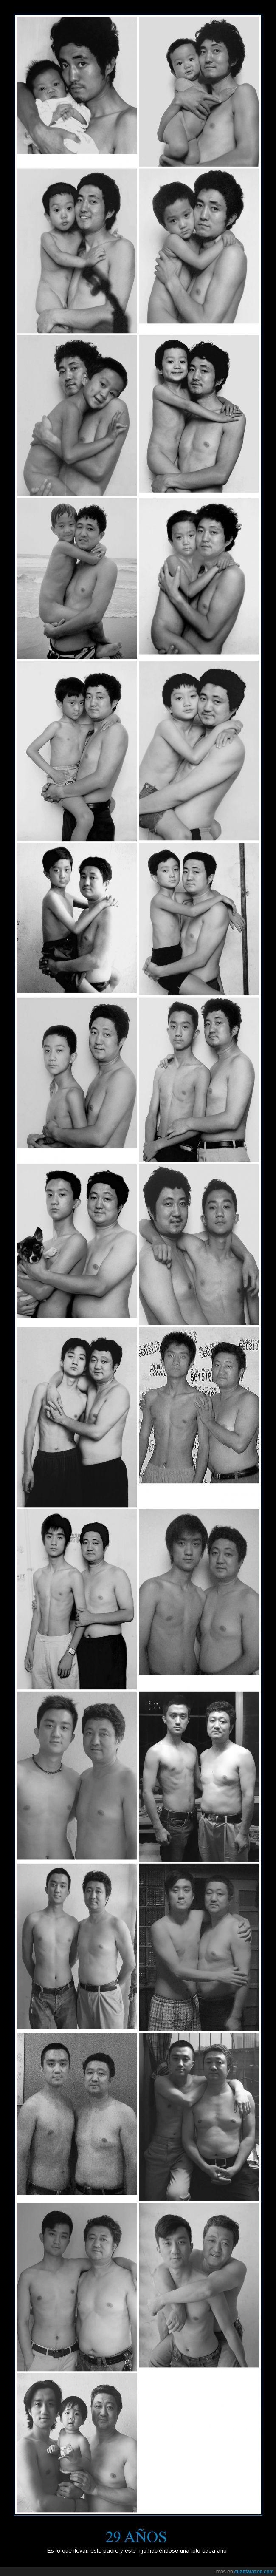 29,años,asia,asiatico,edad,hijo,nieto,padre